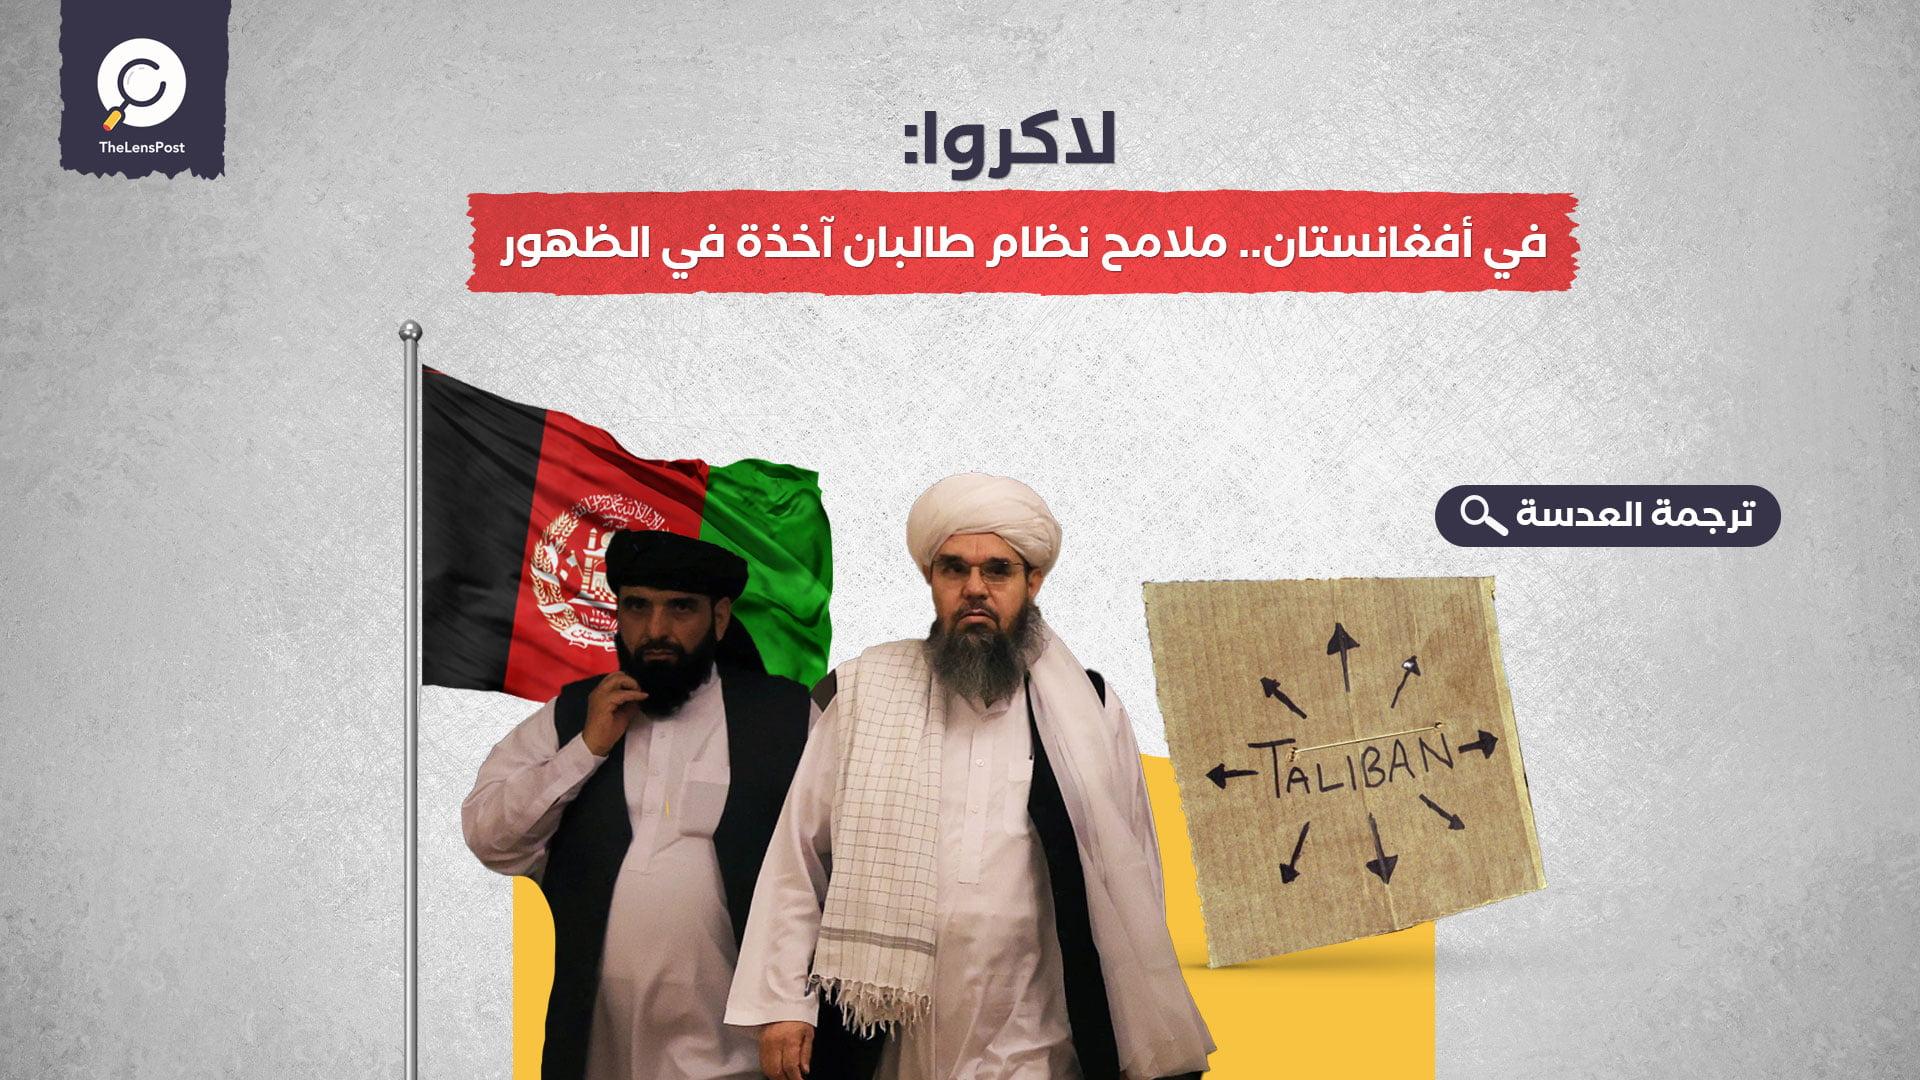 لاكروا: في أفغانستان.. ملامح نظام طالبان آخذة في الظهور